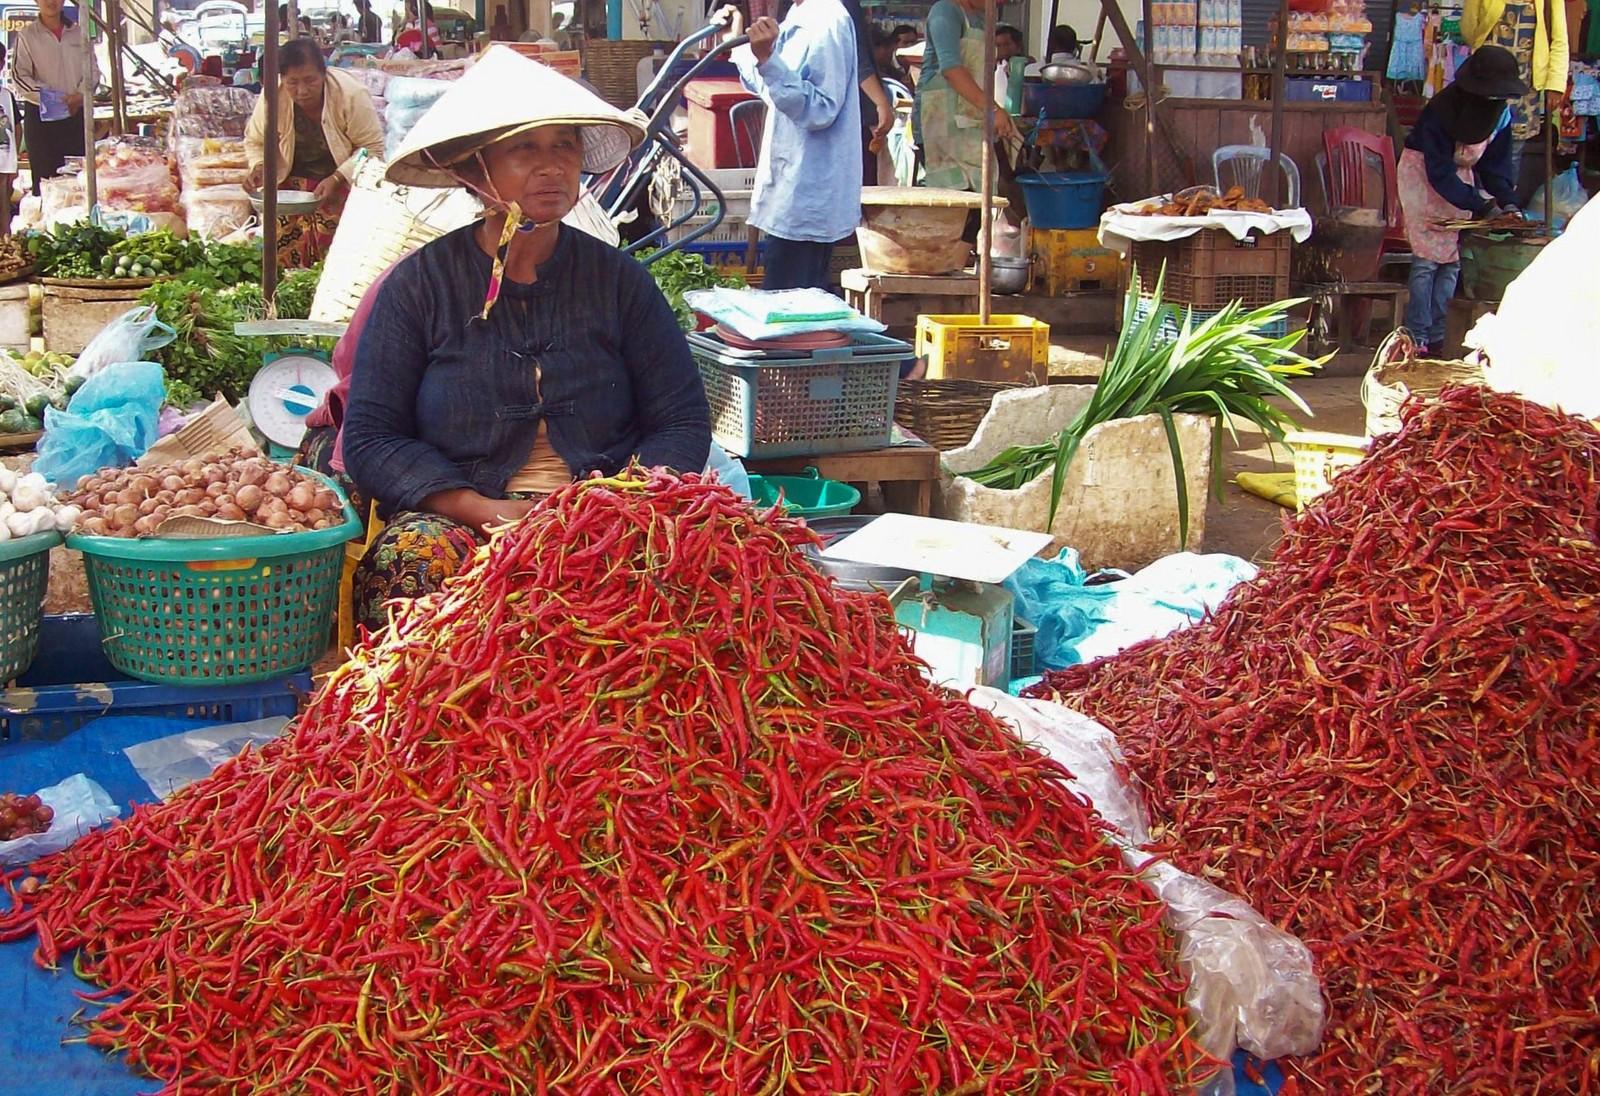 Chiliverkäuferin auf dem Markt von Pakse - Laos